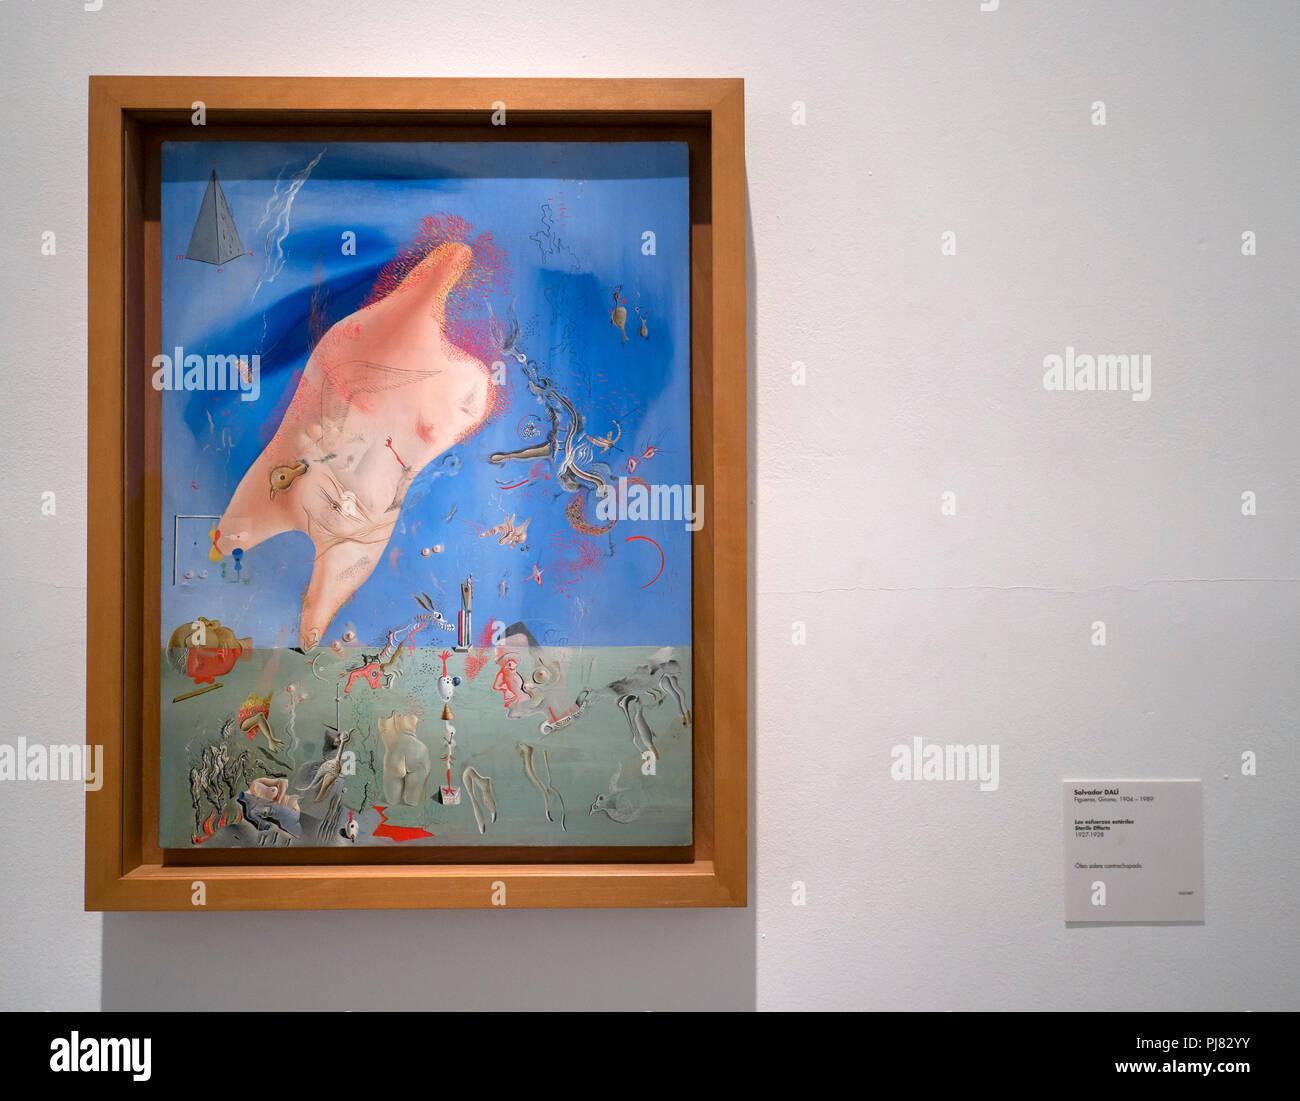 Salvador dalí los estériles esfuerzos museo reina sofía madrid españa immagini stock